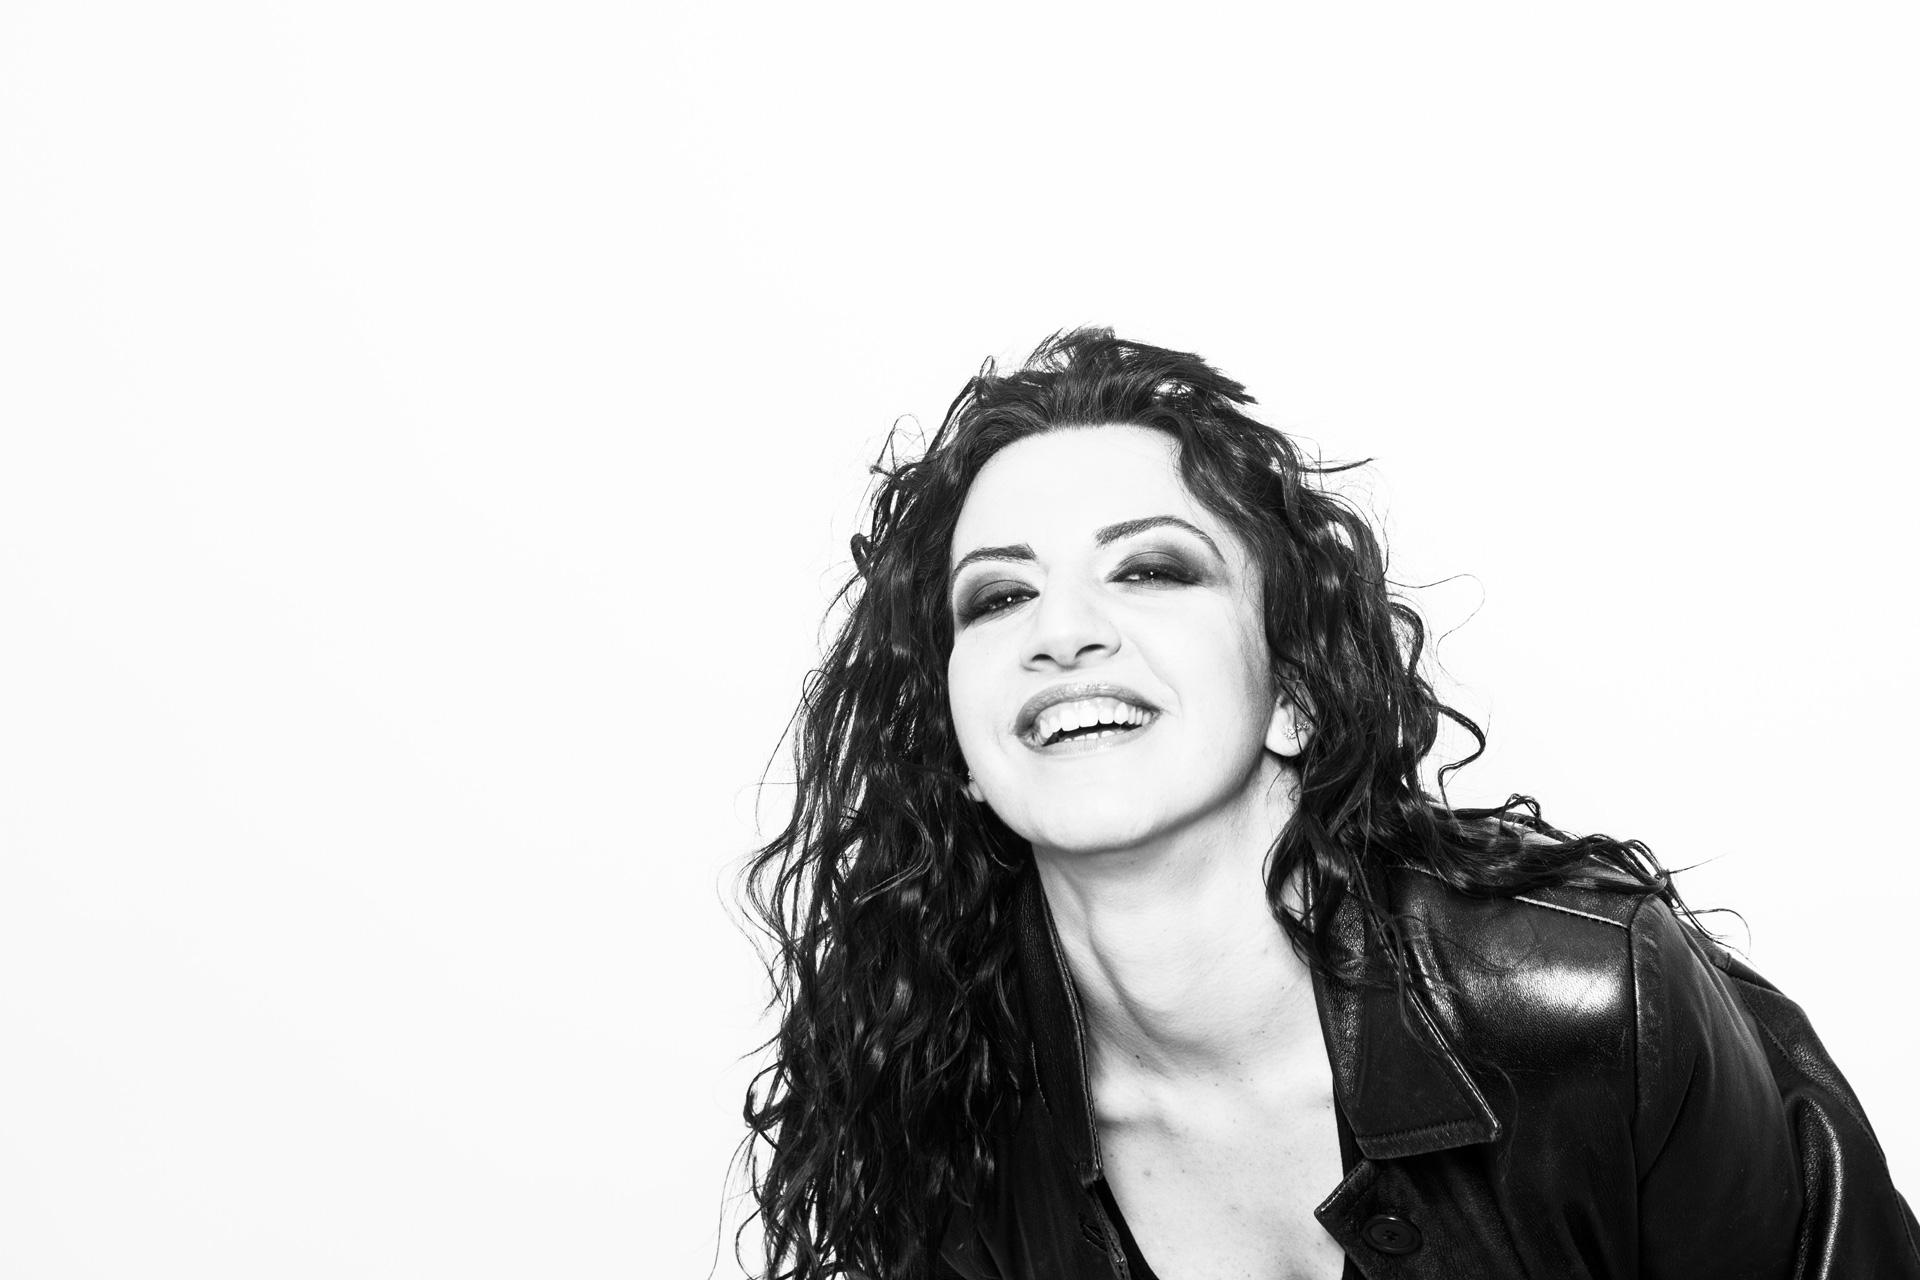 Sarah Baratta - Book Fotografico Ph. Claudio Valerio